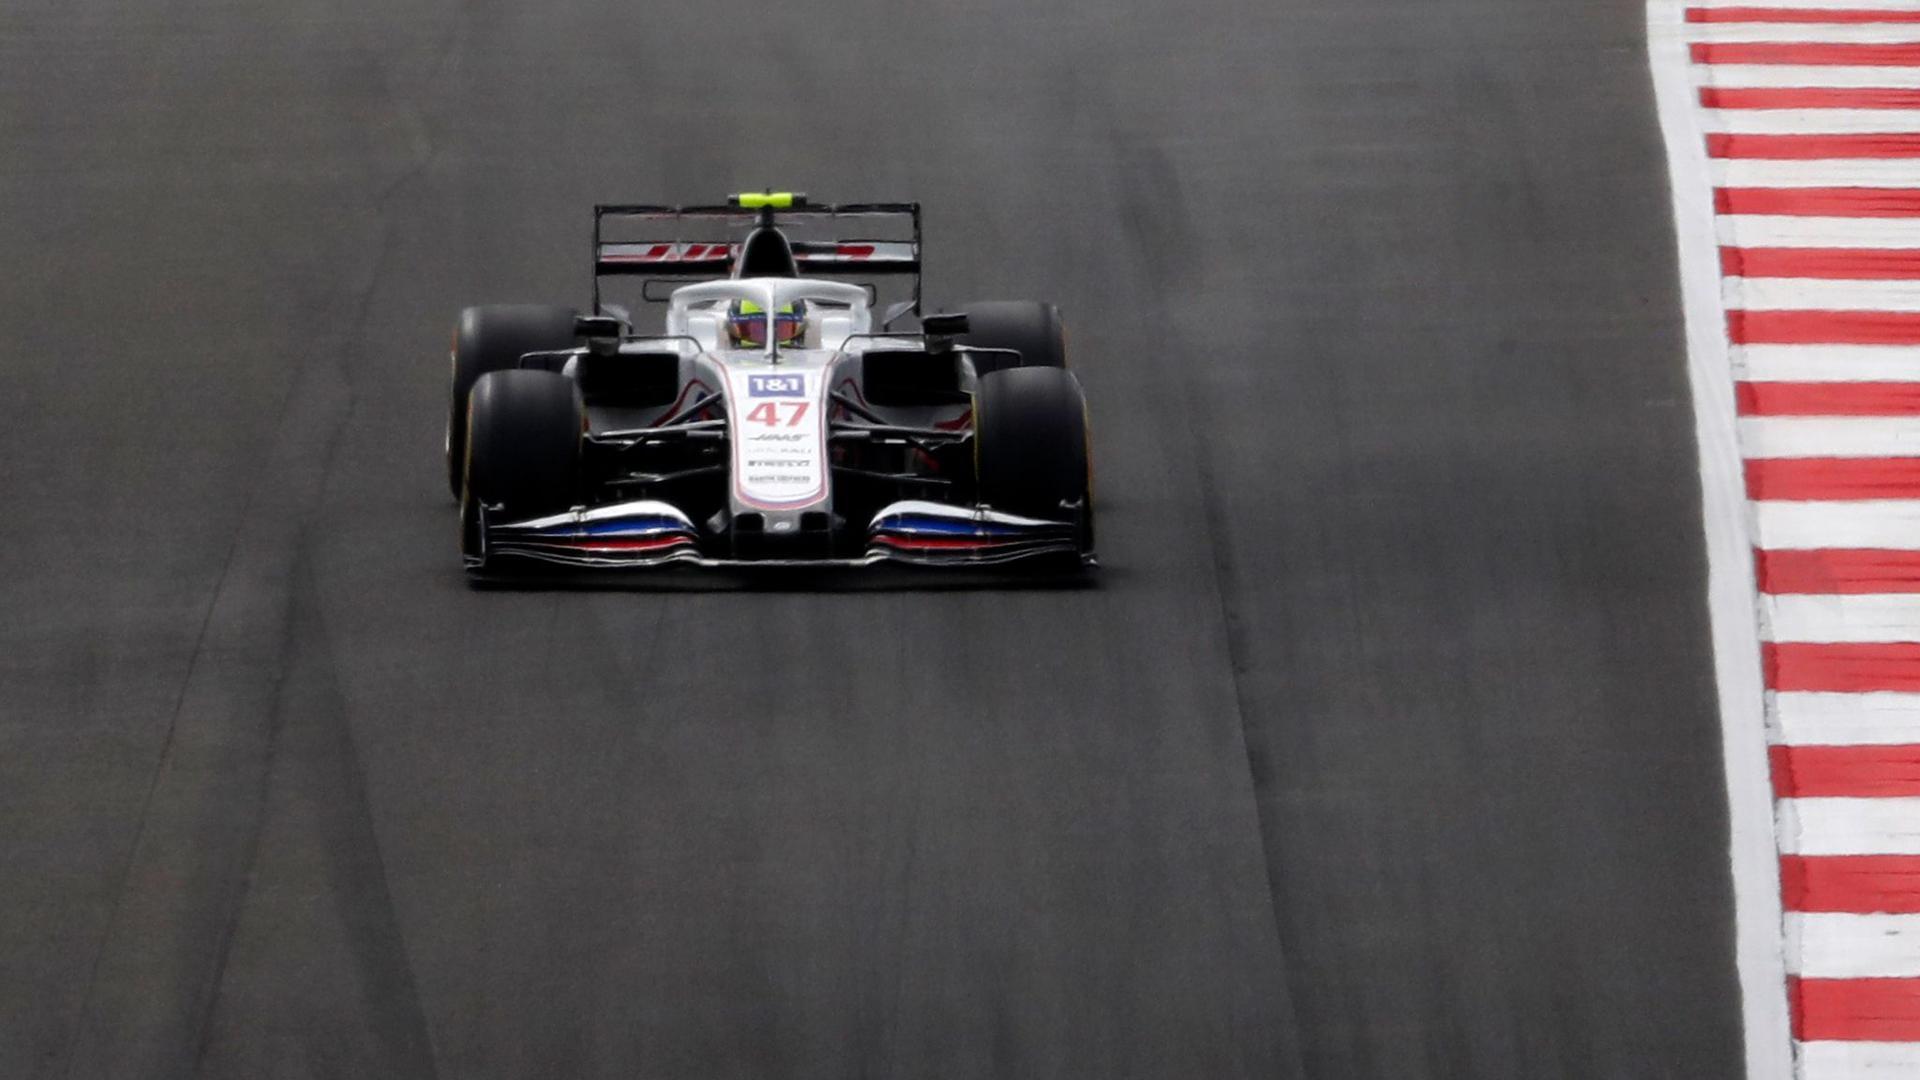 Mick Schumacher kam in der Qualifikation zum Großen Preis von Portugal nicht über den vorletzten Platz hinaus.